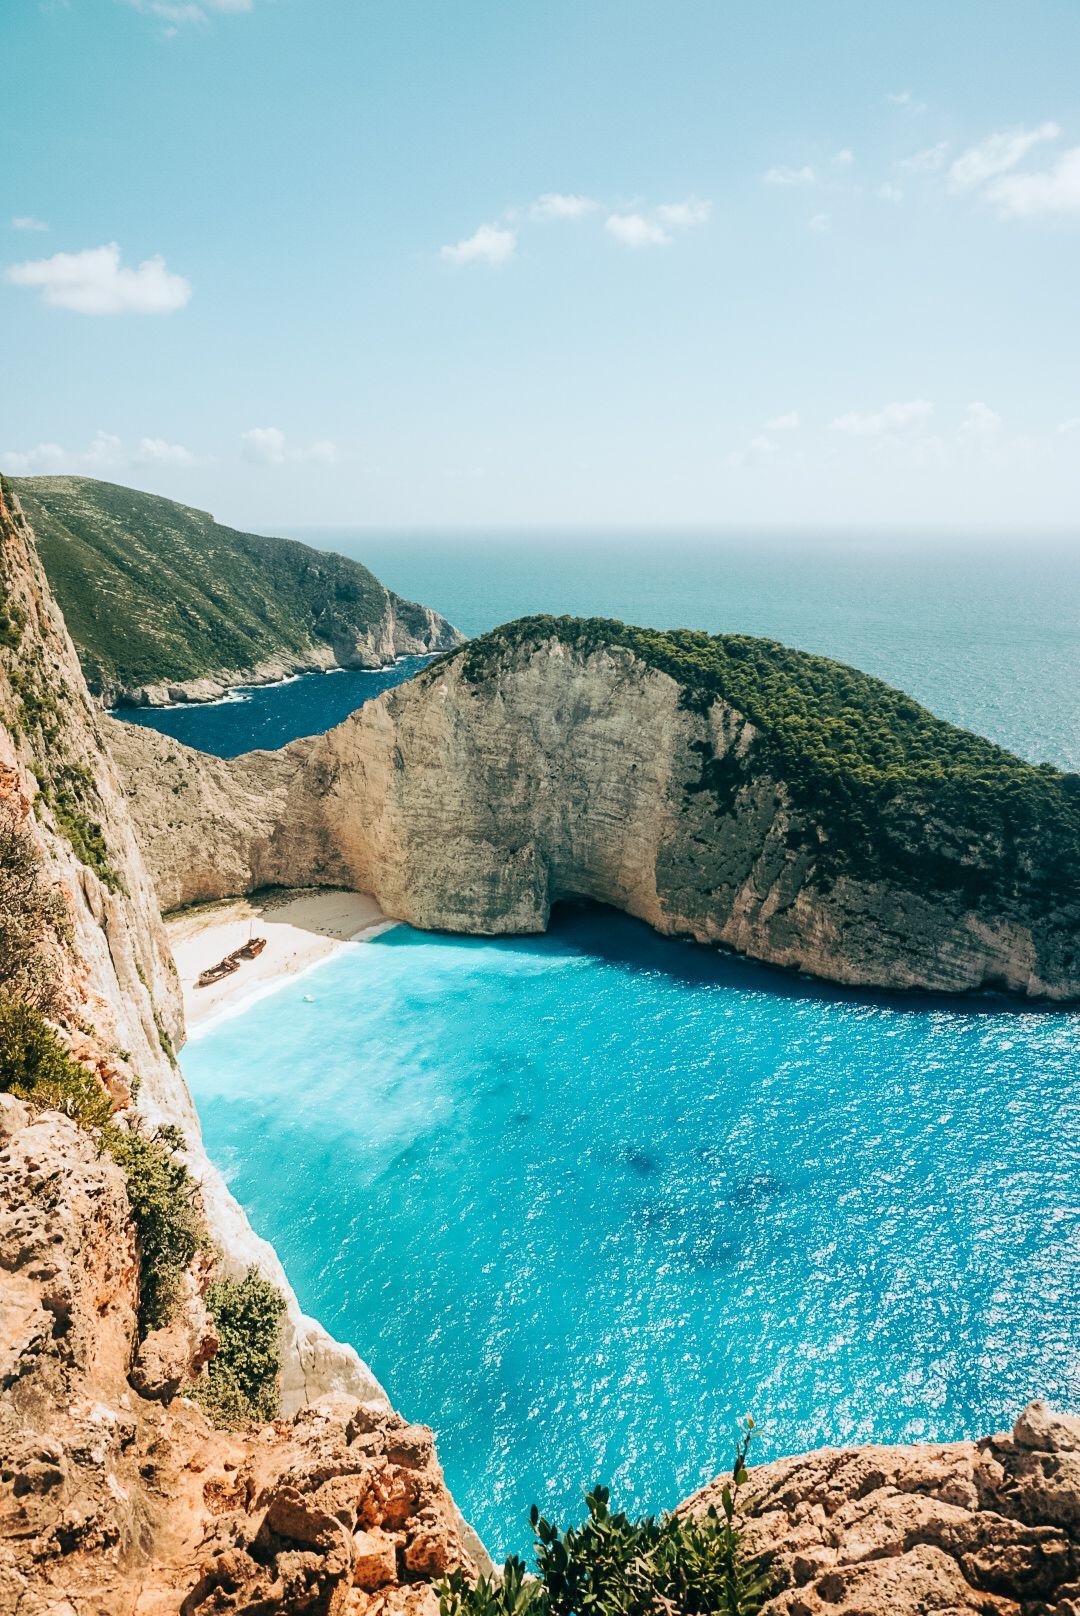 Shipwreck Beach Viewpoint In 2020 Beach Trip Visiting Greece Travel